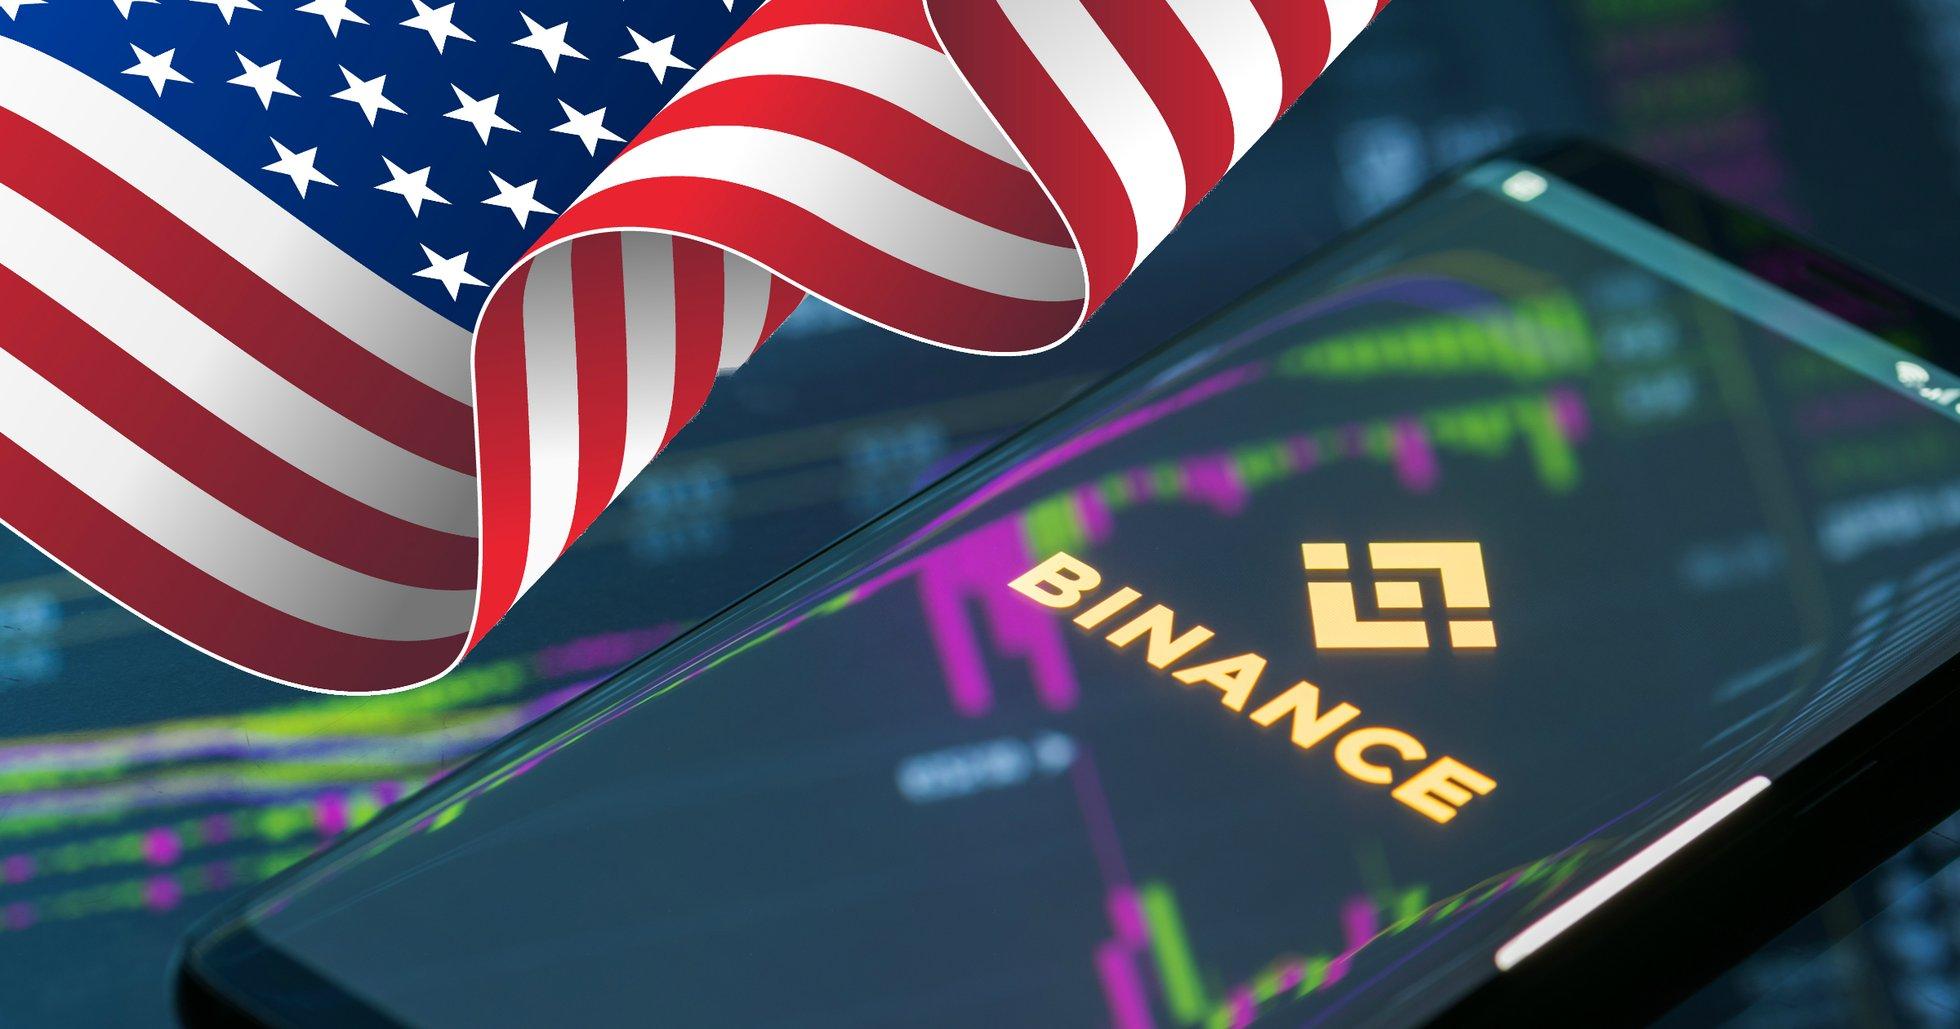 Binance i USA öppnar för registrering nästa vecka.